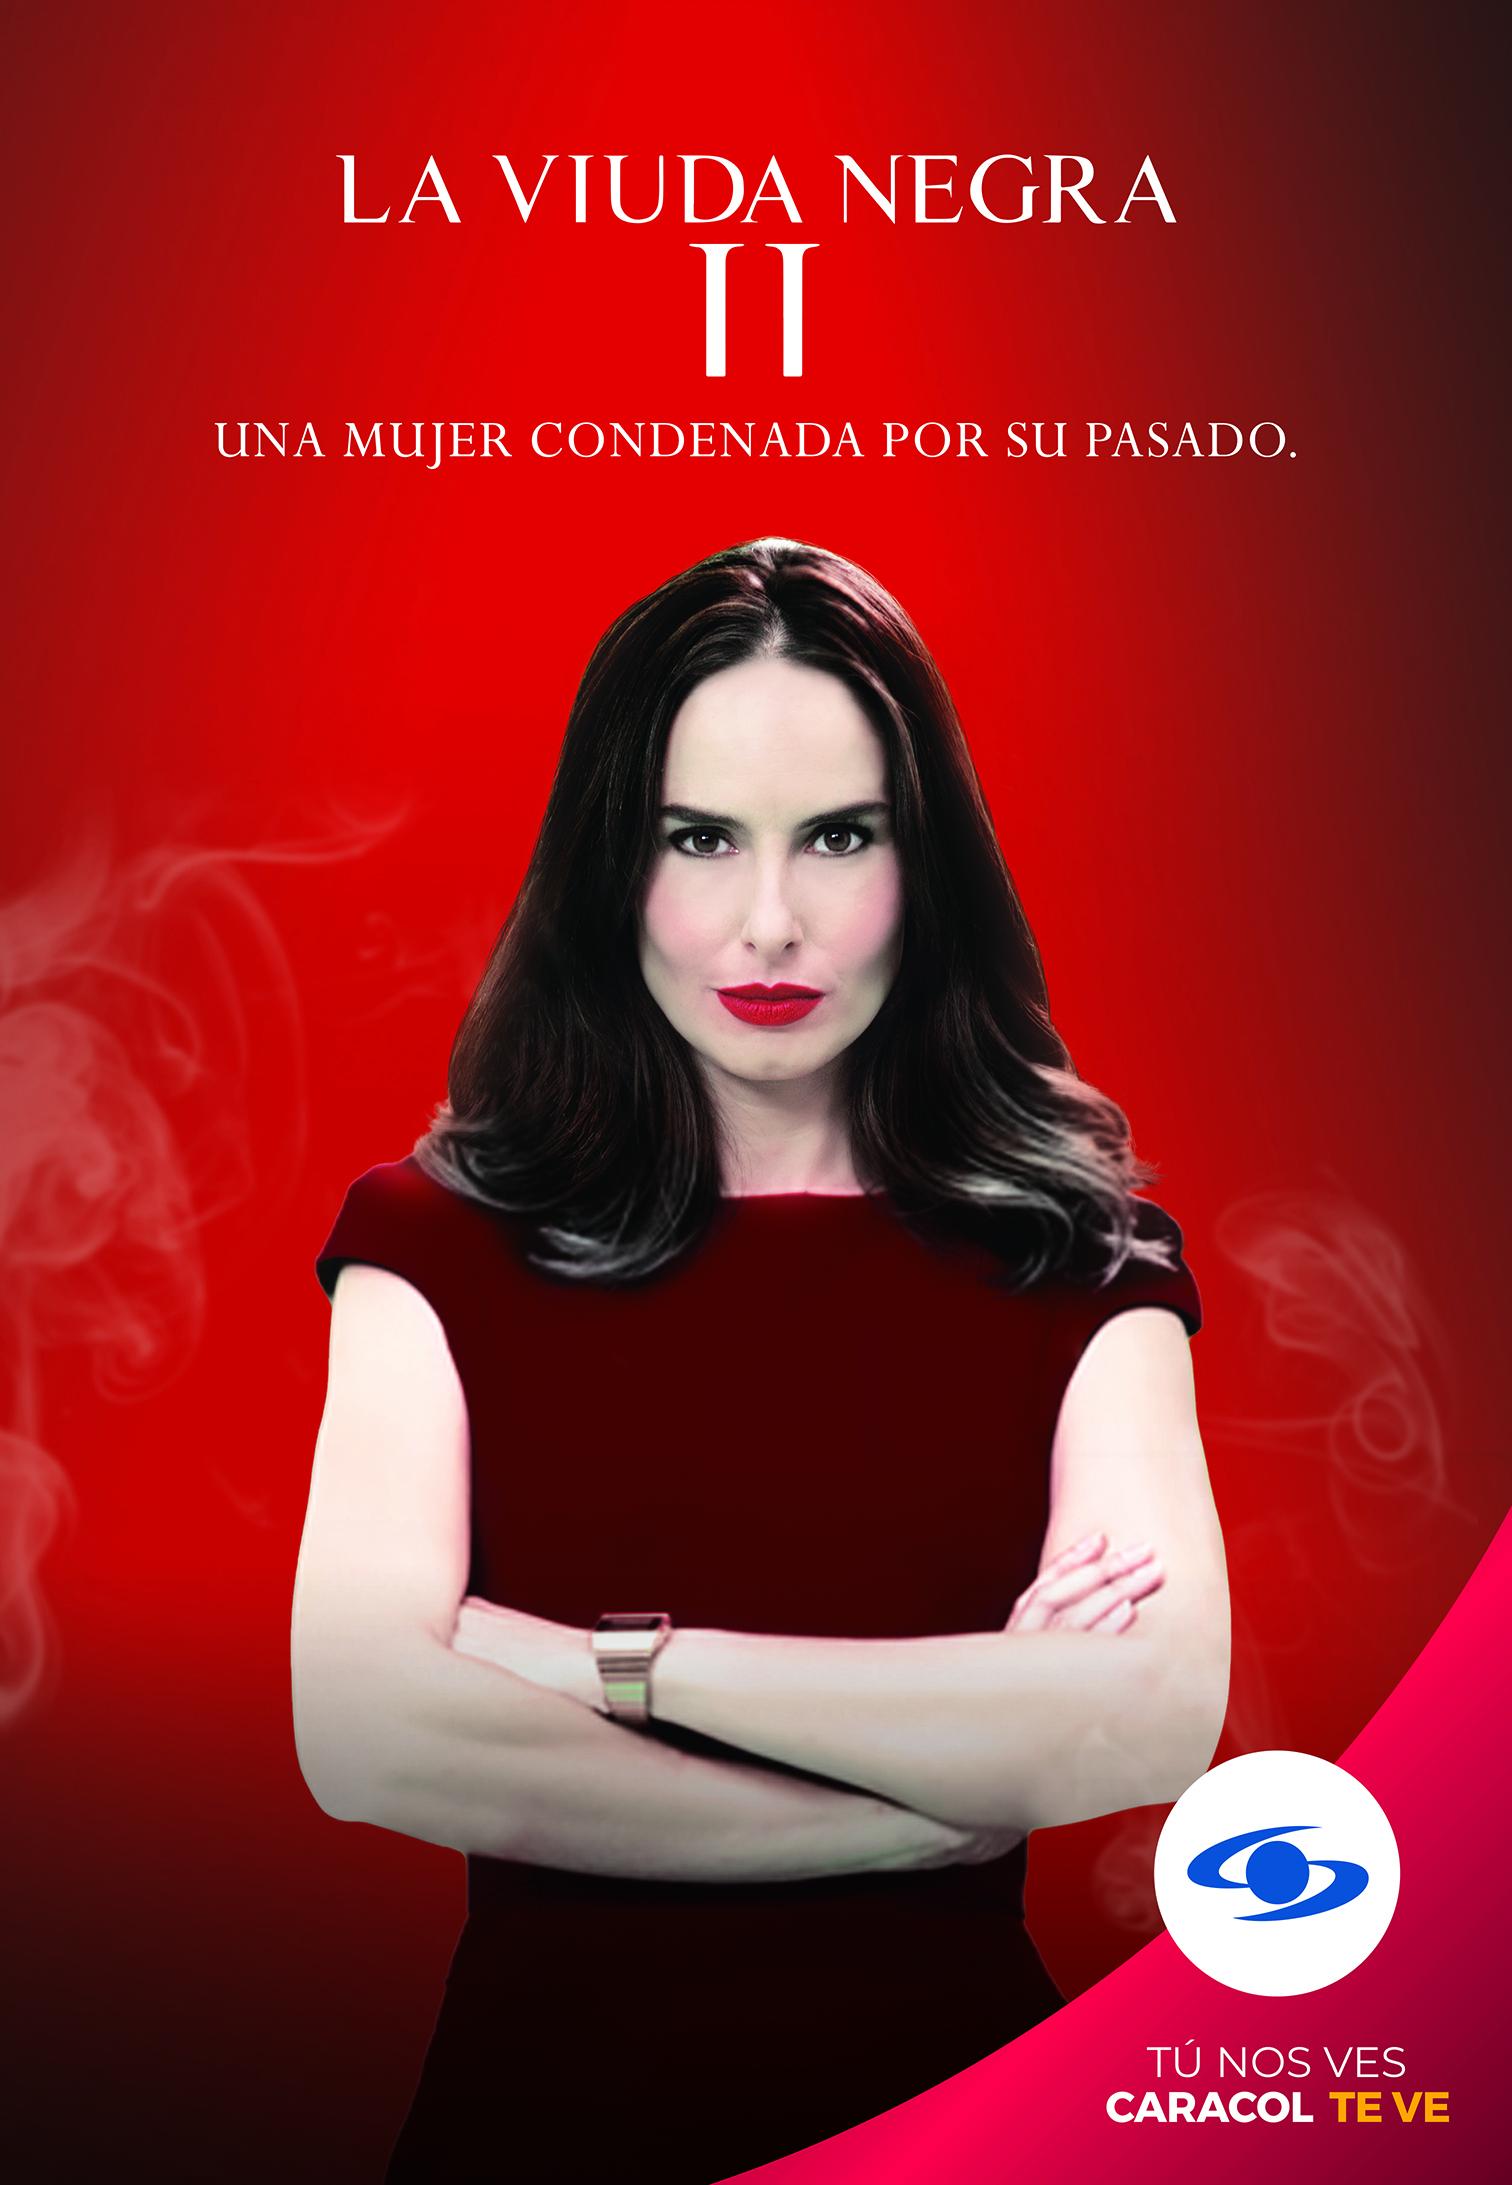 'La viuda negra II' gran estreno este miércoles 27 de enero